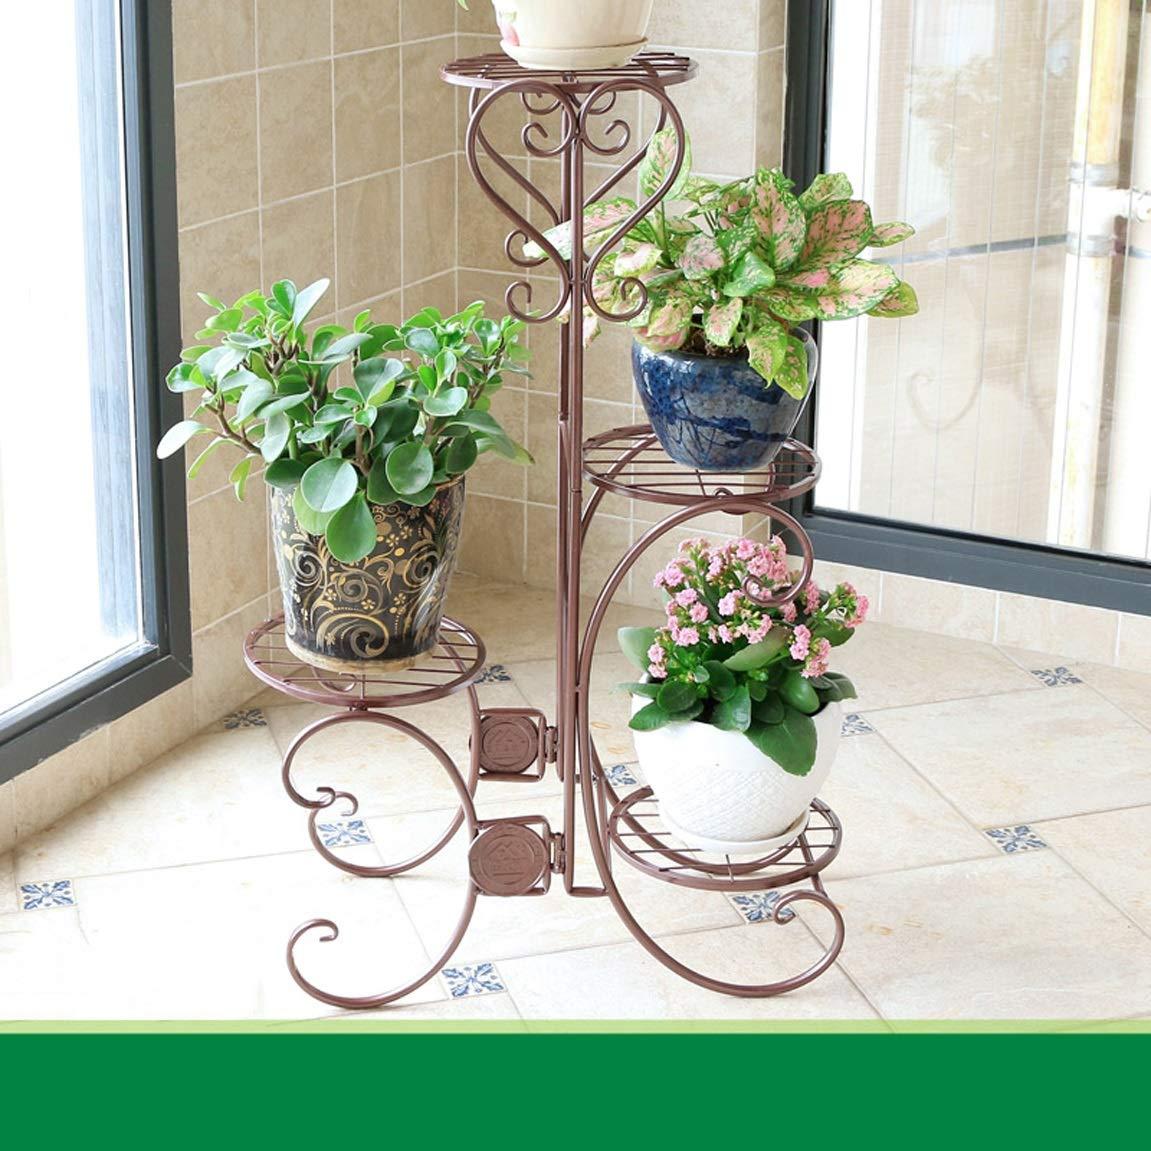 HLQW Bräunliches europäisches Blumen-Gestell, mehrstöckiges Inneneisen-Kunst-Balkon-Wohnzimmer, grünes Lounge-Boden-Art Blumen-Topf-Gestell